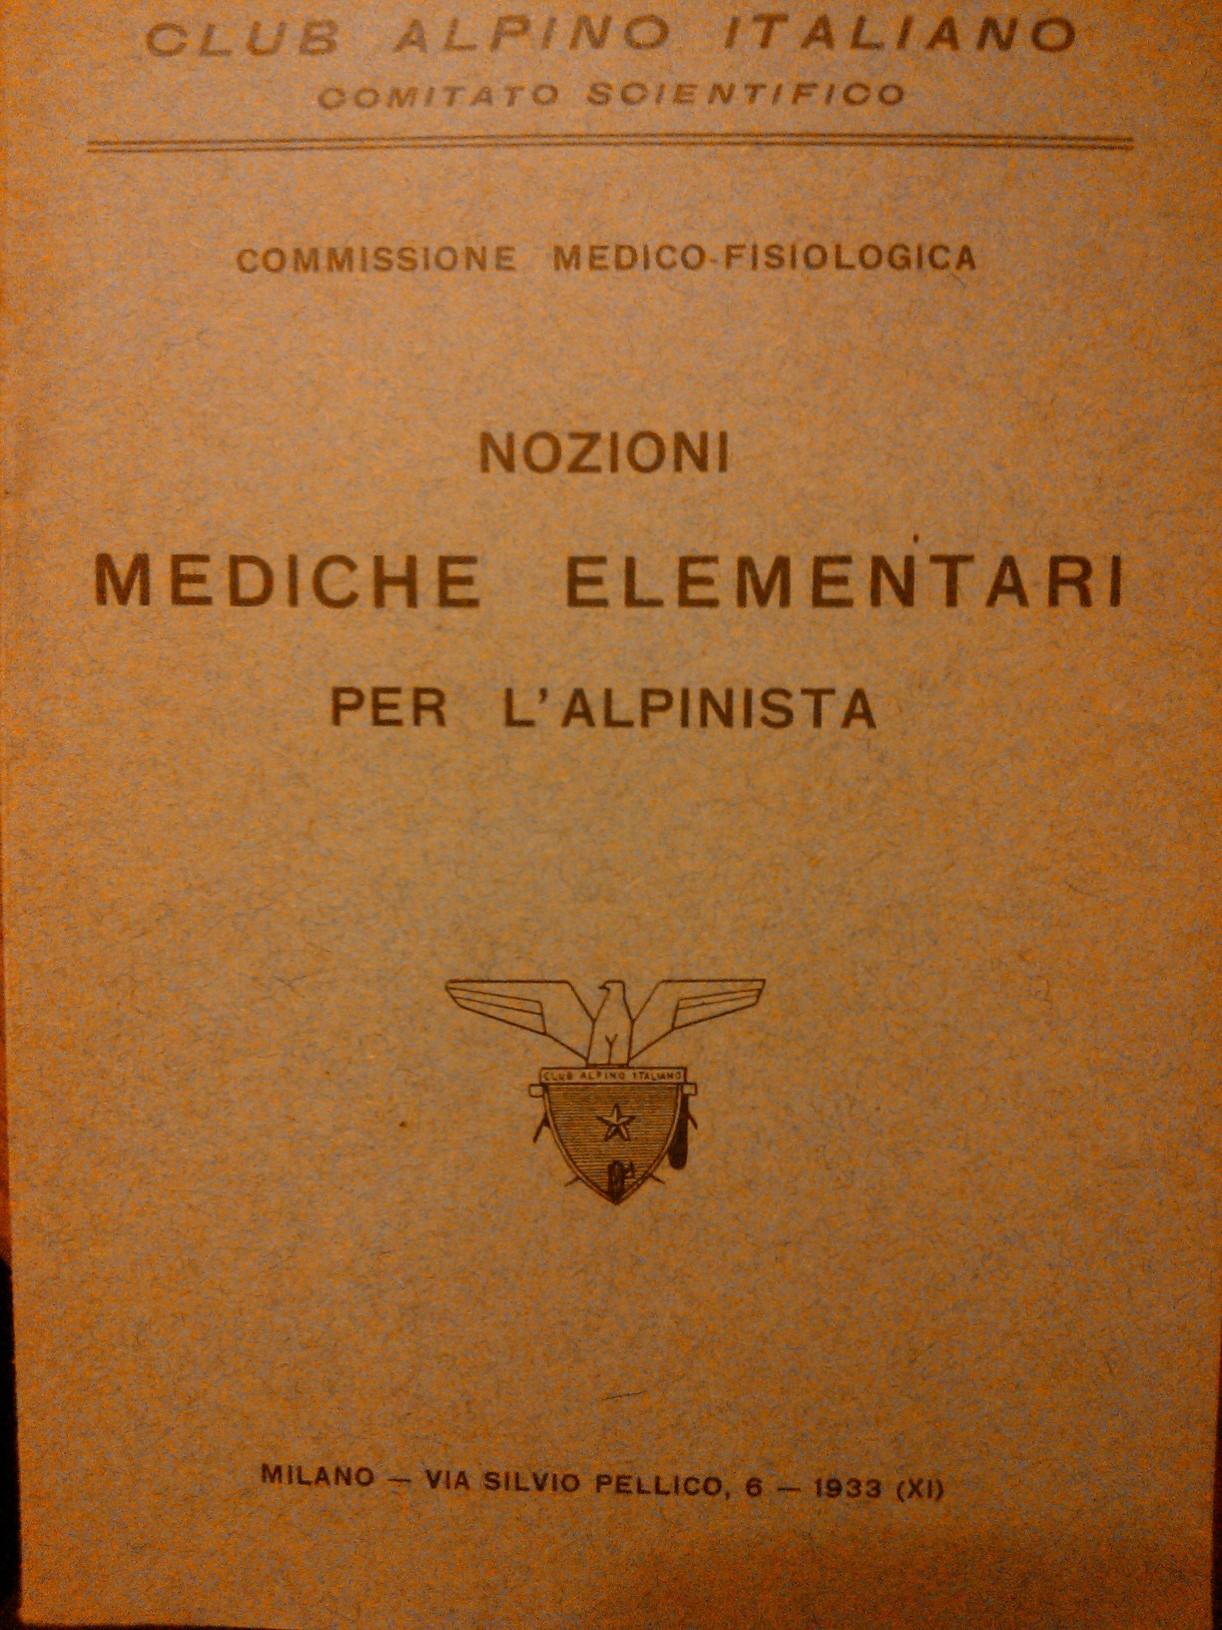 Nozioni mediche elementari per l'alpinista